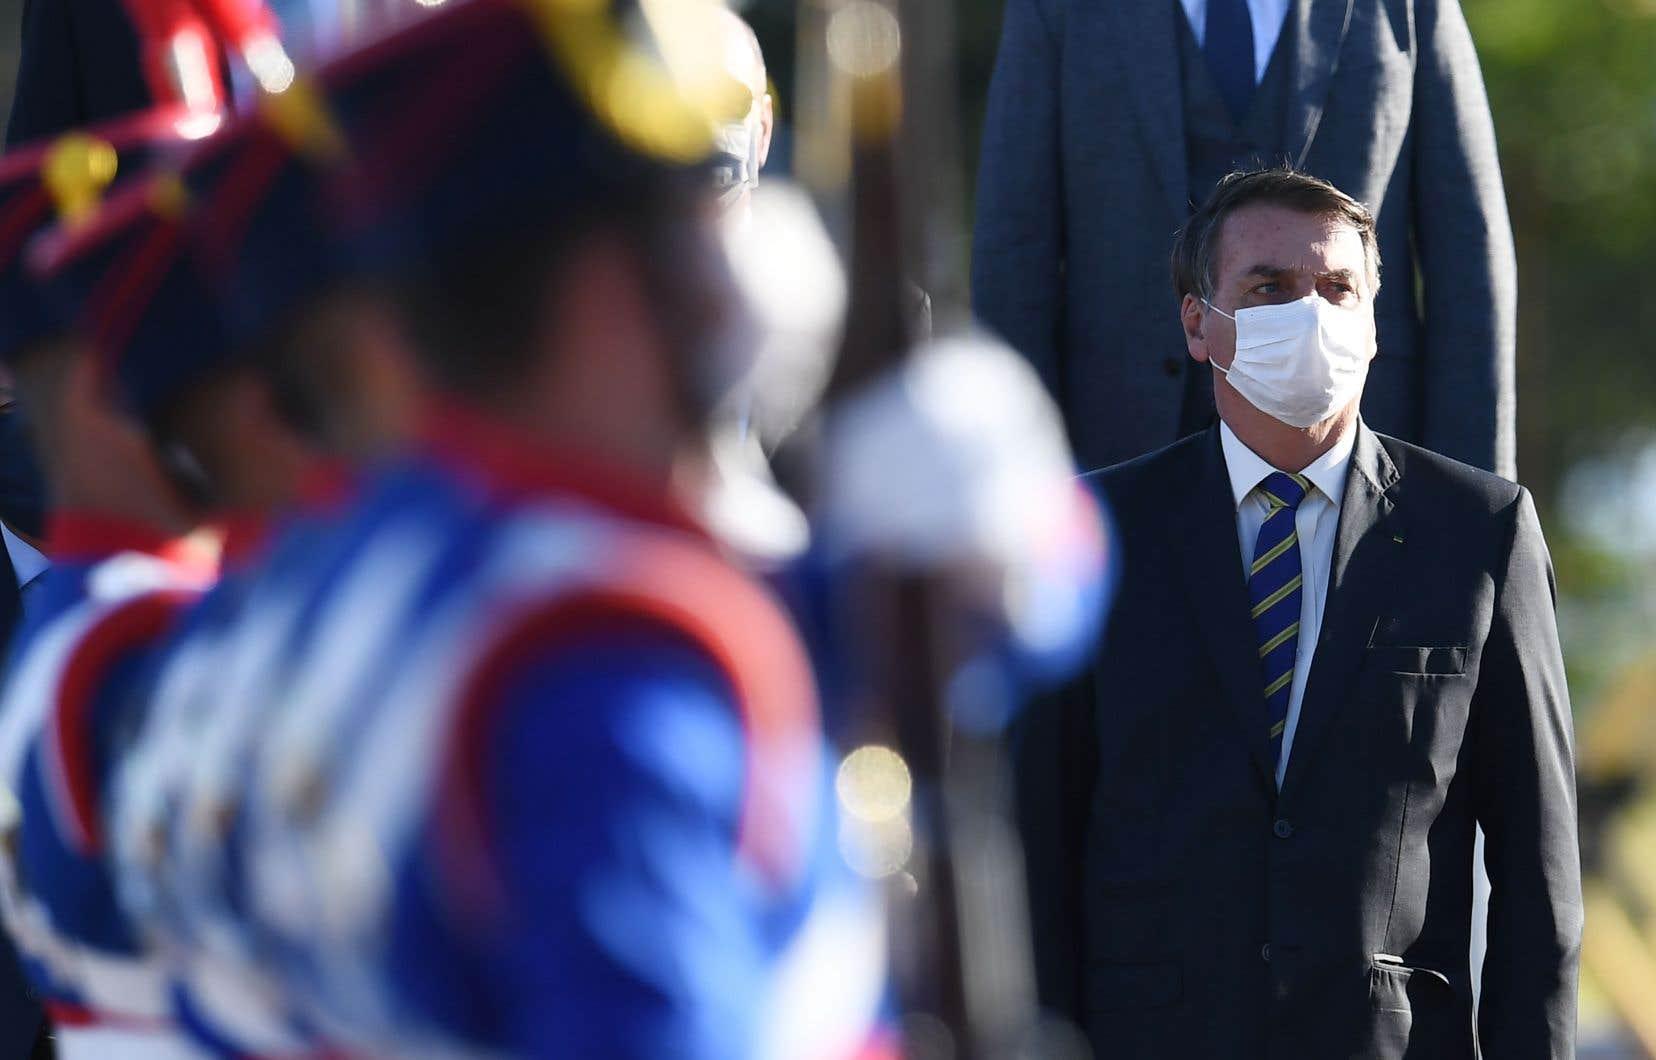 Le président brésilien est de plus en plus isolé en cette période de pandémie et de conflit avec les représentants des institutions.